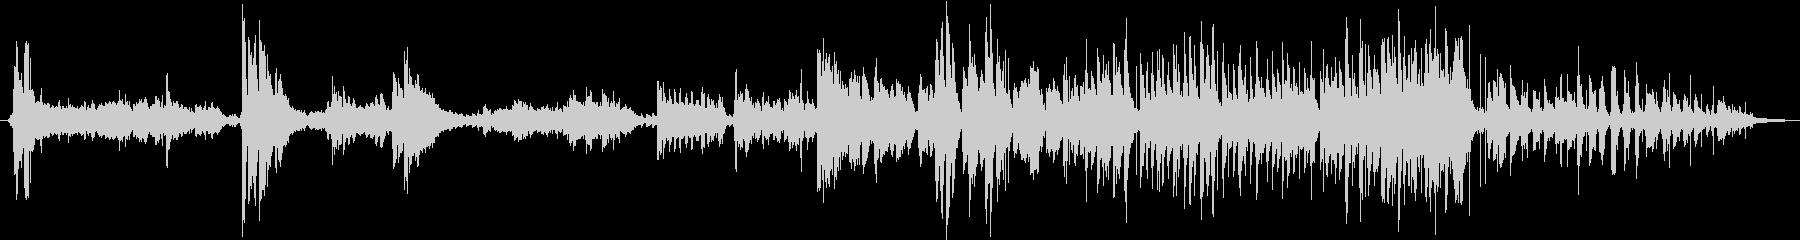 エスニック。伝統的な即興の歌。アフ...の未再生の波形